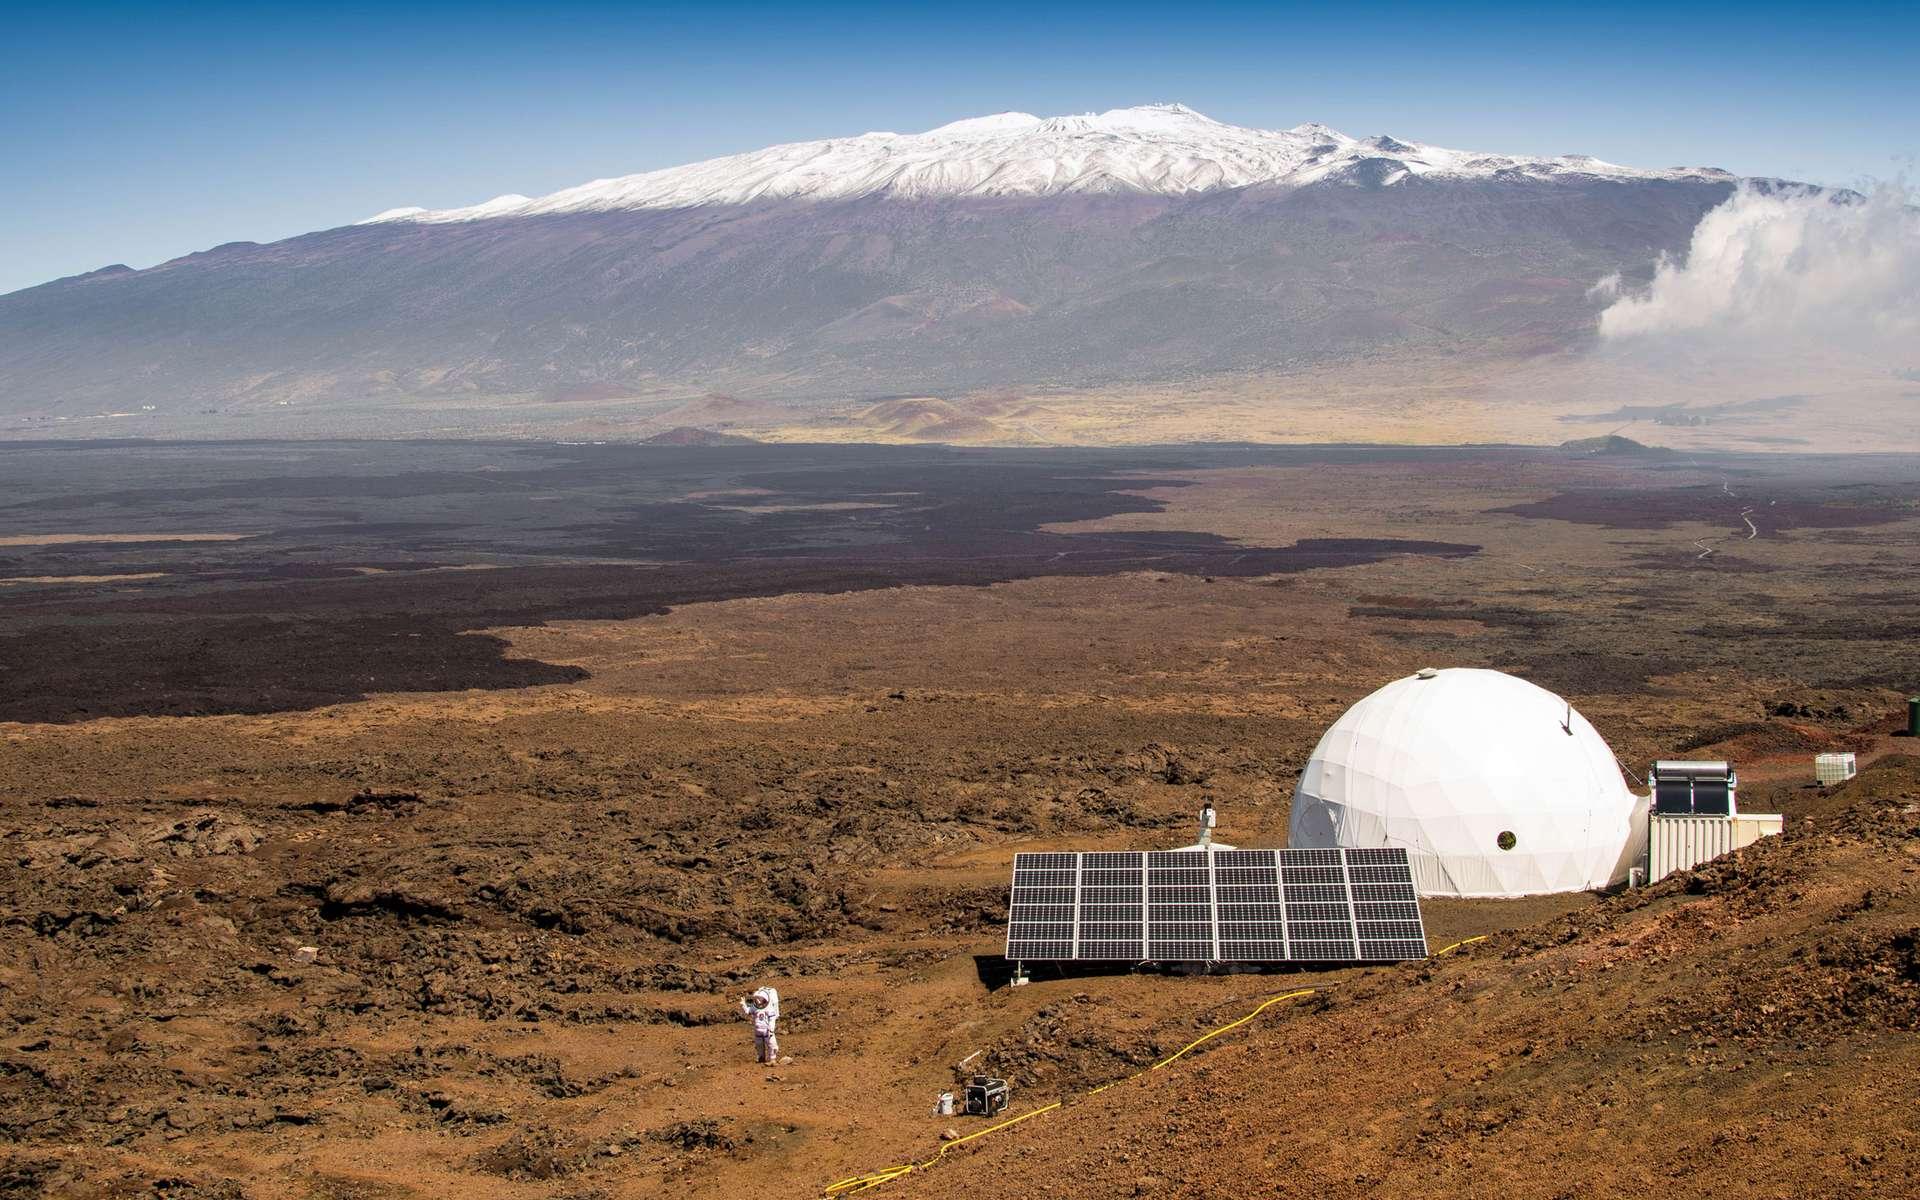 Un curieux dôme a été installé en août 2015 sur le Mauna Loa, sur l'île d'Hawaï, la plus grande de l'archipel éponyme. La structure simulait une base martienne. À l'intérieur, un groupe de six scientifiques a testé sa cohésion. Le Français Cyprien Verseux dévoile les coulisses de l'expérience. © Neil Scheibelhut, University of Hawaii at Manoa